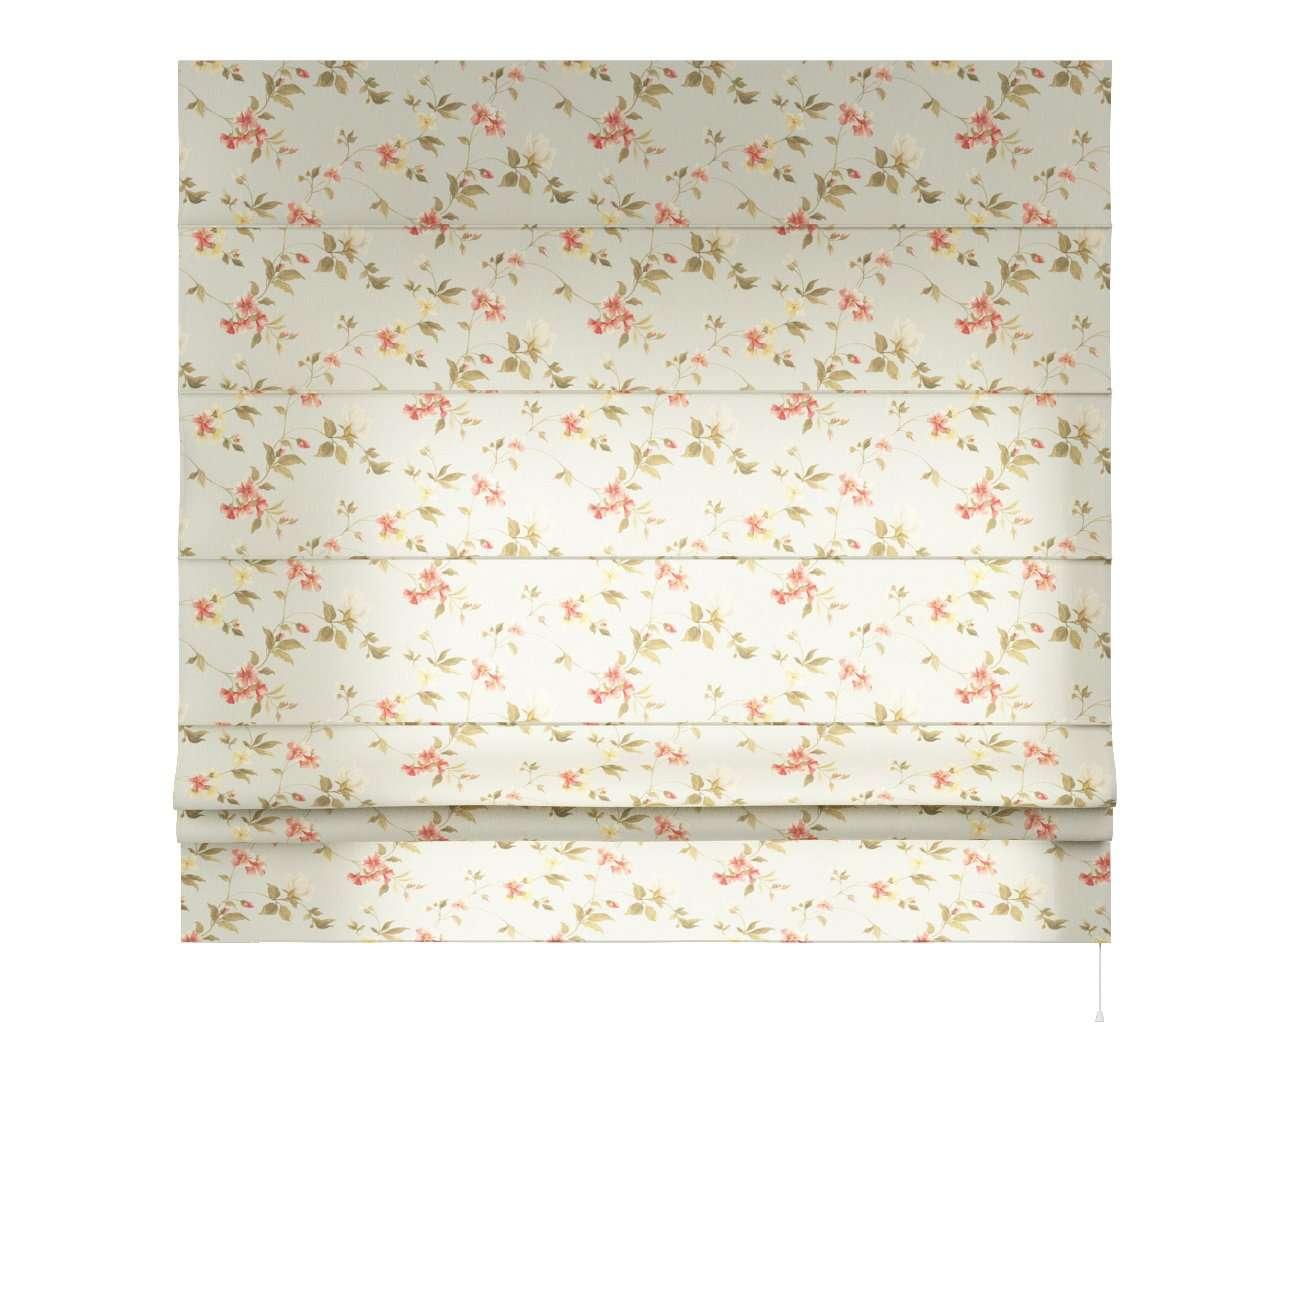 Romanetės Padva 80 × 170 cm (plotis × ilgis) kolekcijoje Londres, audinys: 124-65